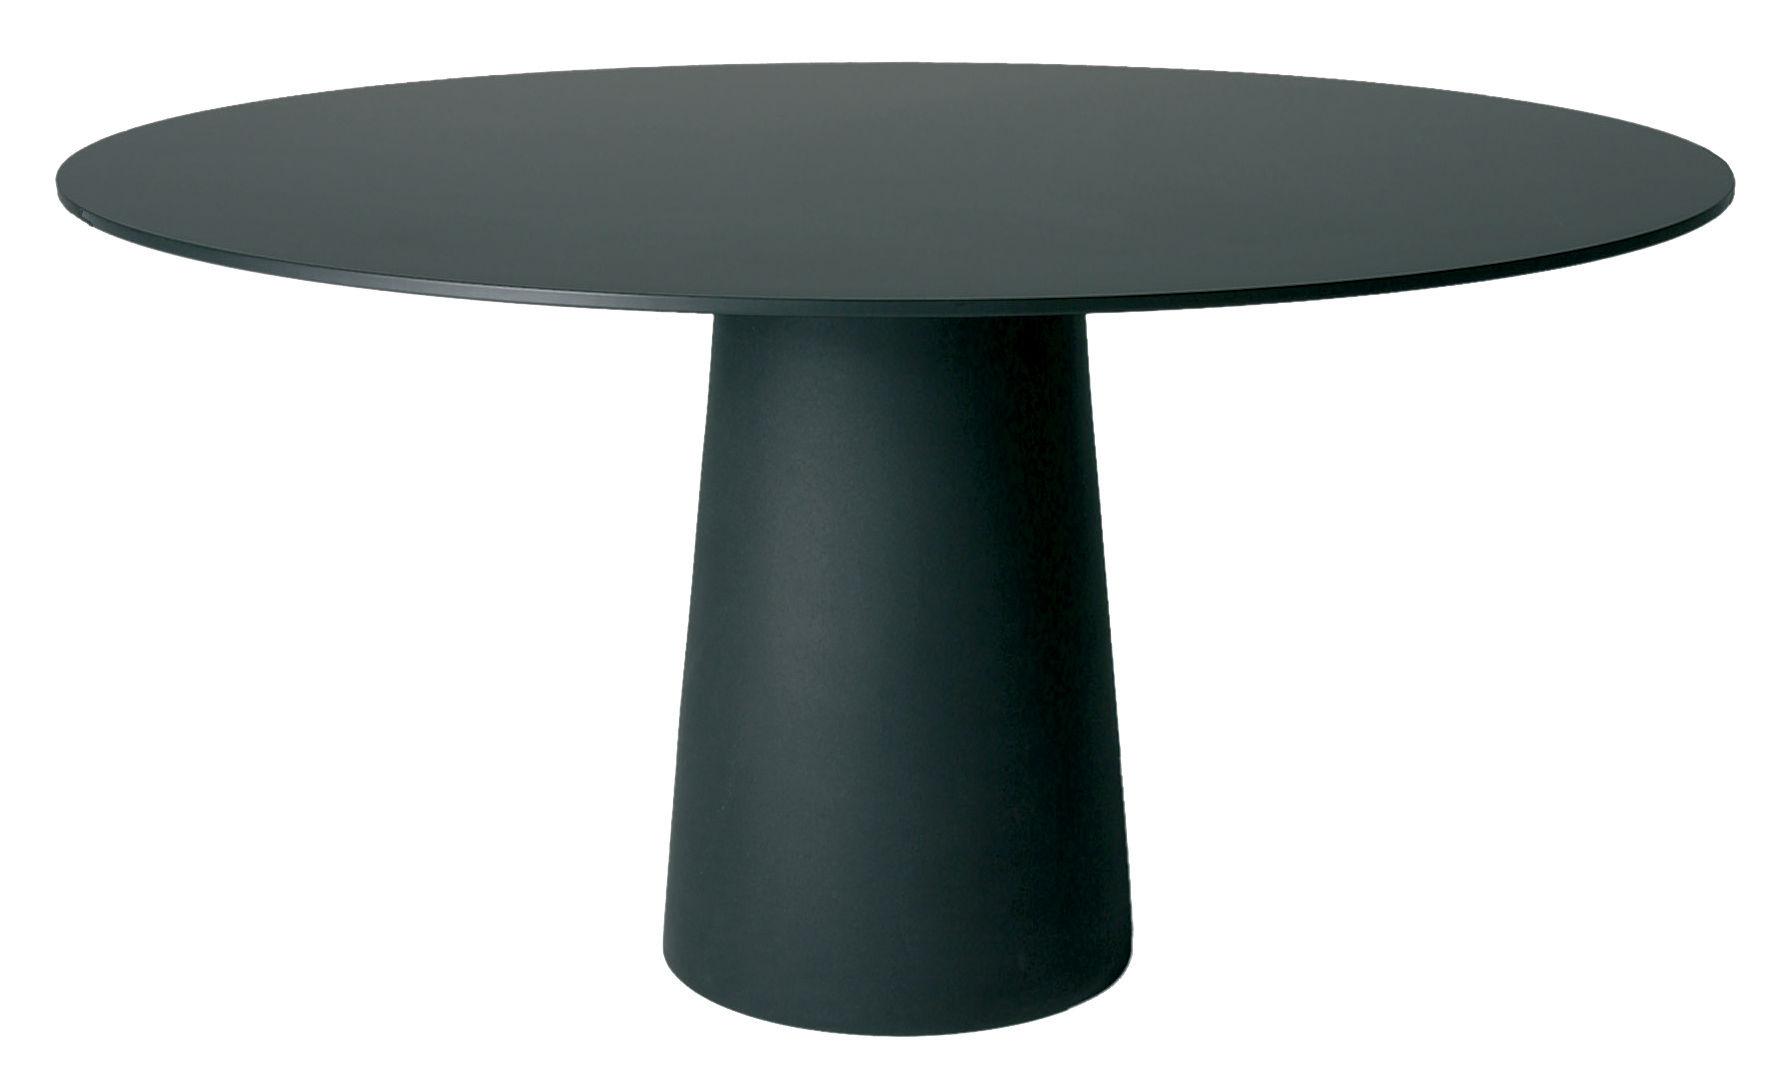 Outdoor - Tavoli  - Piano del tavolo Container - Ø 160 cm di Moooi - Piano d'appoggio nero - Ø 160 cm - HPL